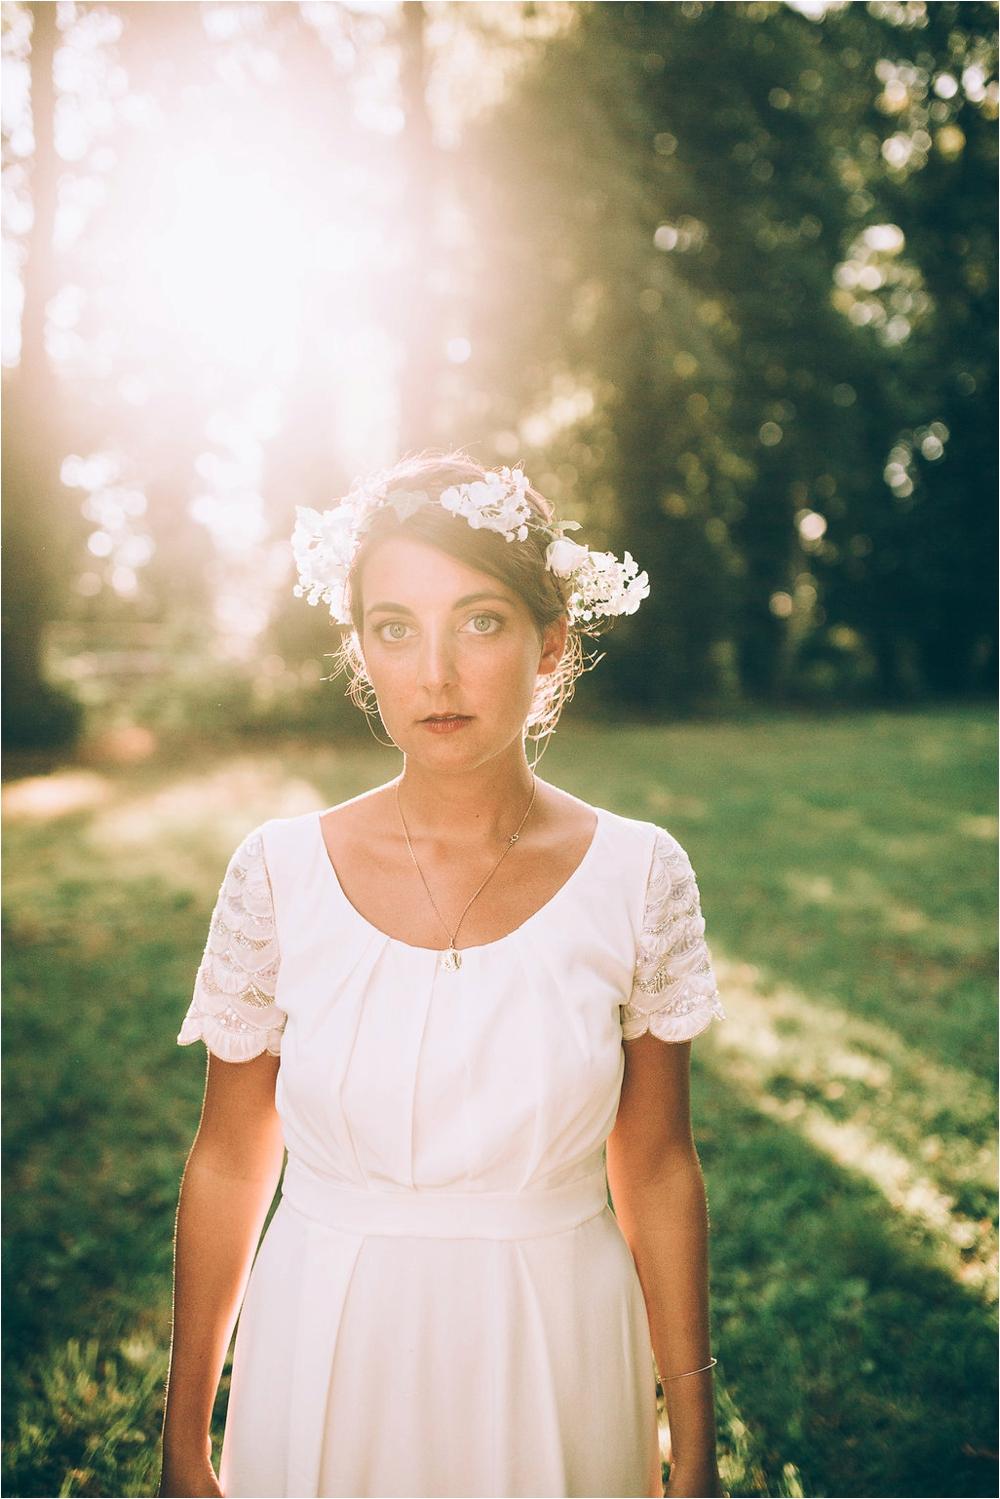 steven-bassilieaux-photographe-mariage-Orangerie de Vatimesnil-bordeaux-wedding-photographer_0379.jpg